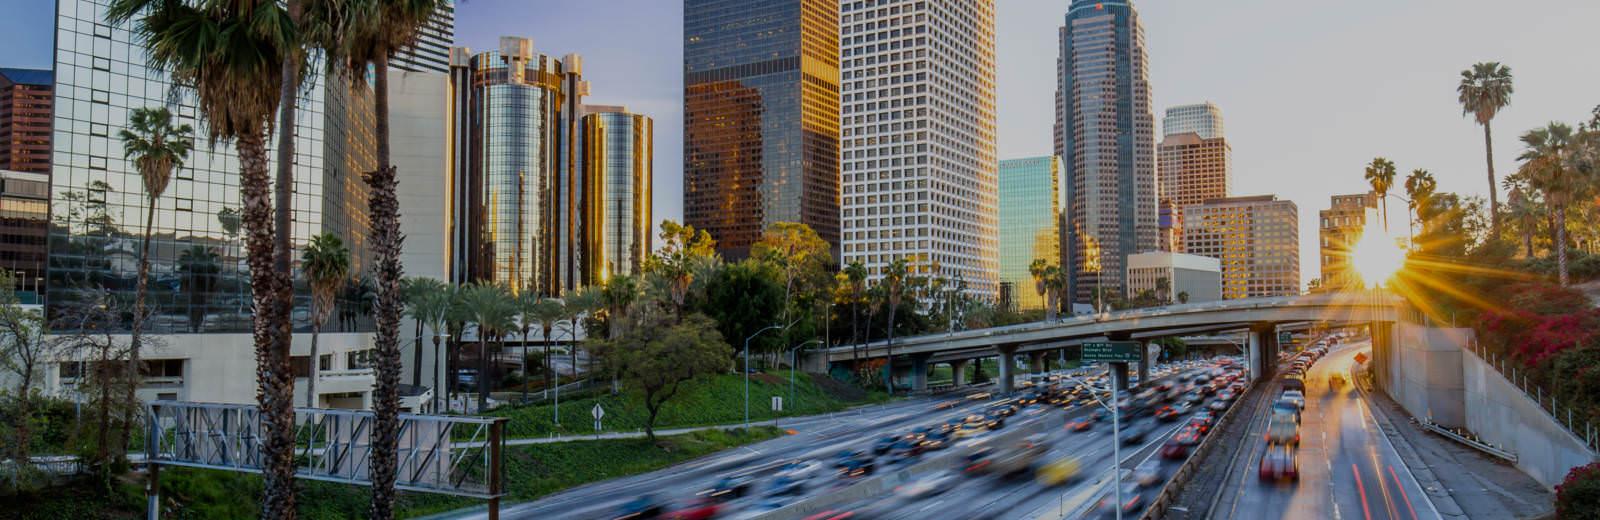 WG-Zimmer und Studenten-Wohnungen in Los Angeles • Student.com